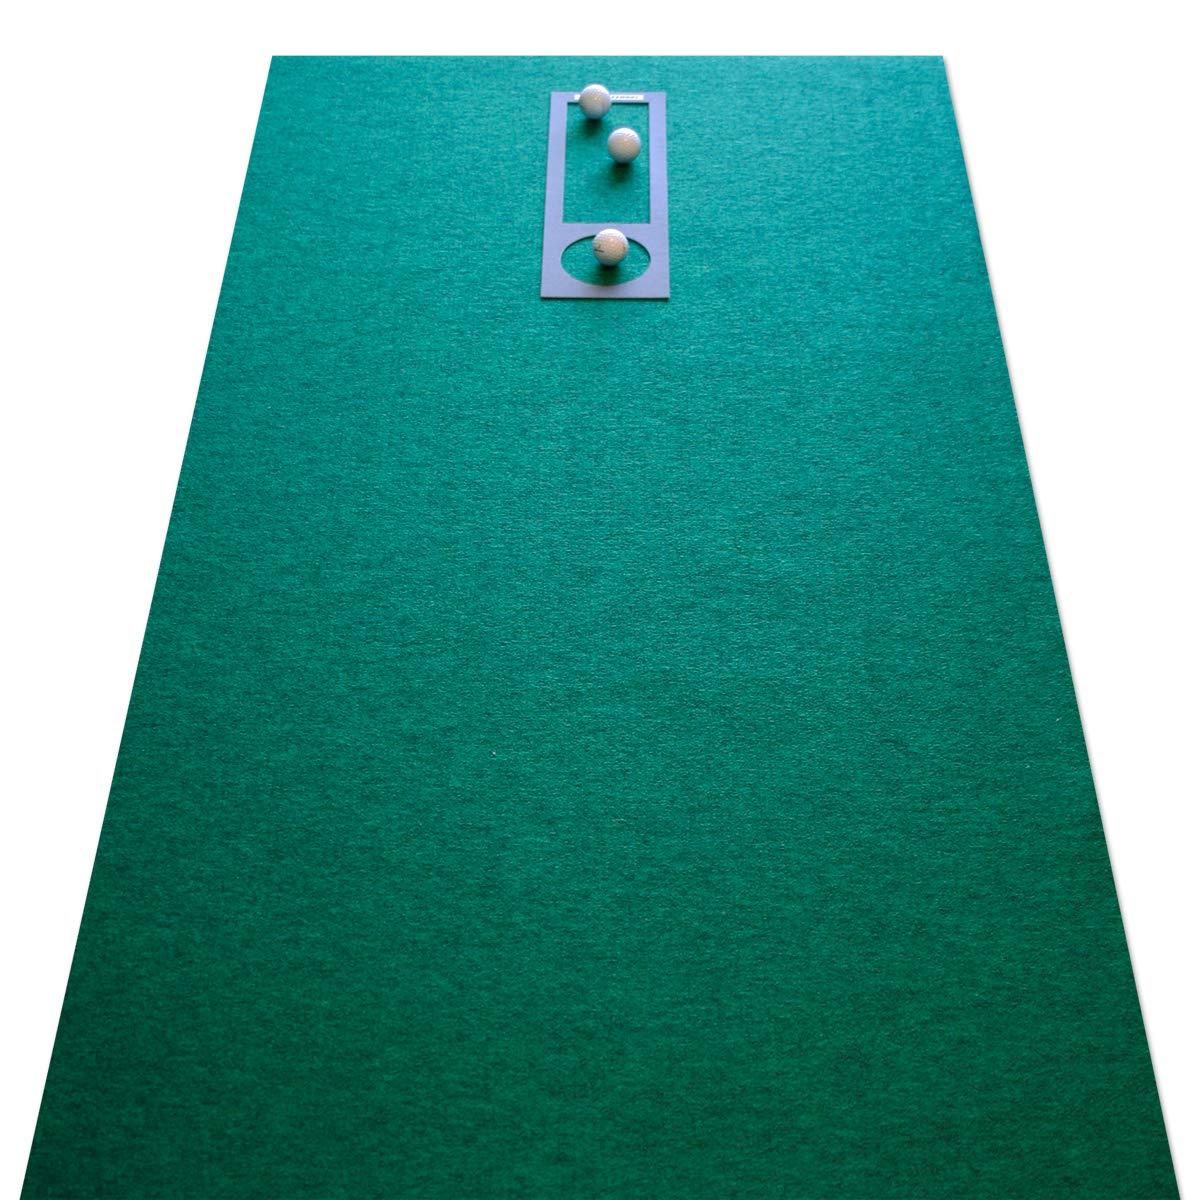 ゴルフを愛する方のための【高速高品質パターマットを廊下敷きカーペットに】[自宅のパット練習場]EXPERT 90cm×5mタイプ(練習用具2種付き) B00FTOI3B0